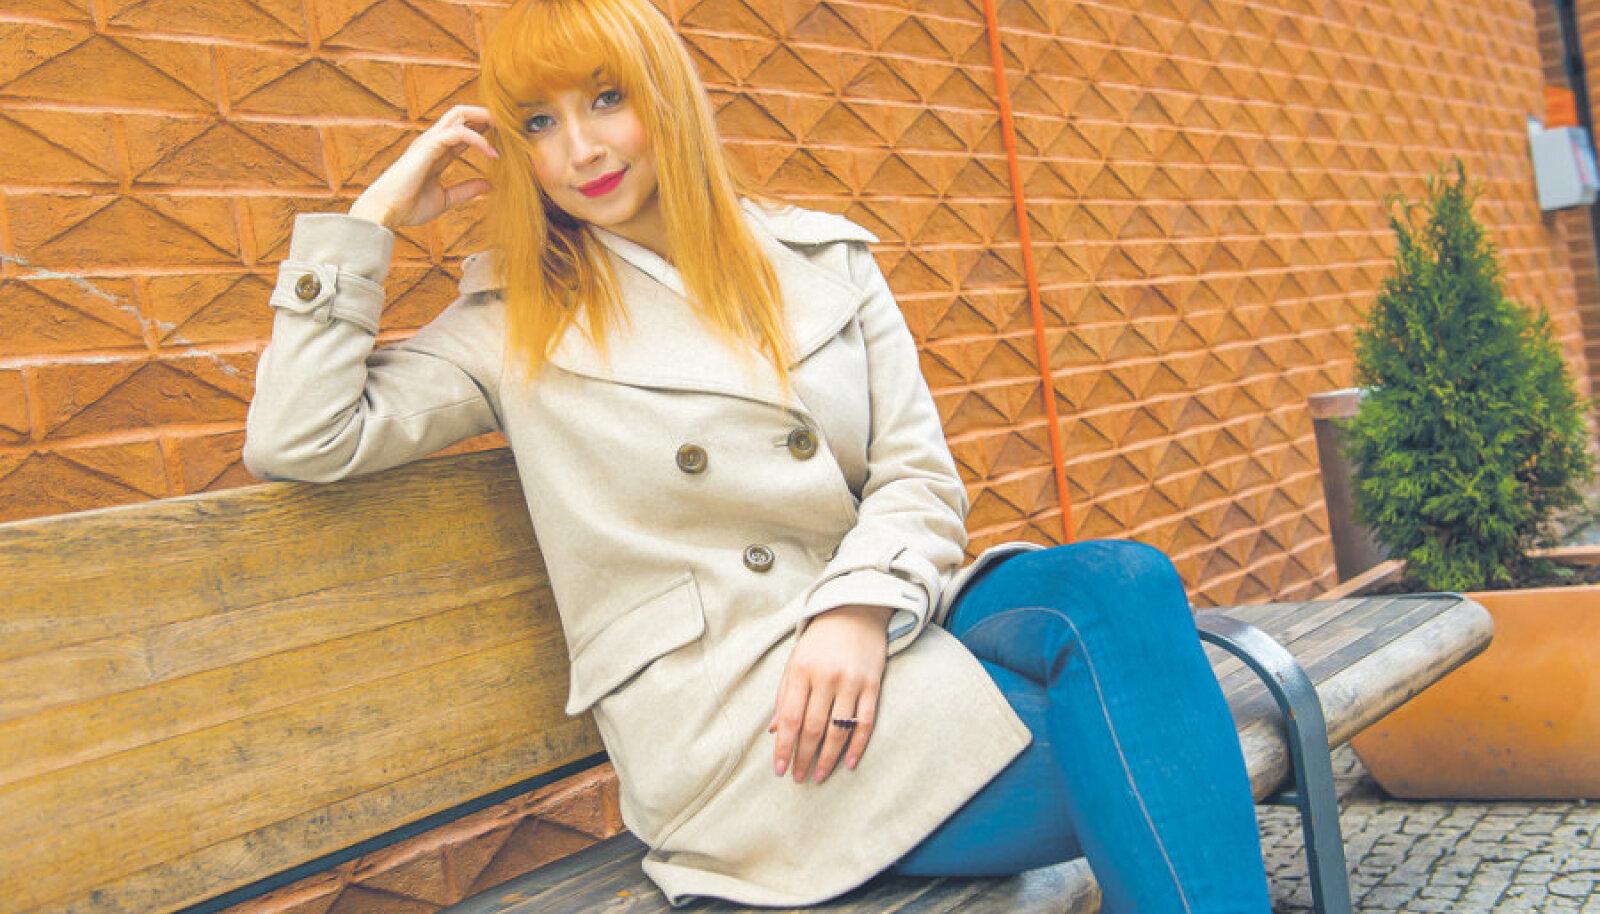 Mu lauljatee ei ole olnud lihtne, kuid väga pikk ja õpetlik, ütleb Tanja Mihhailova.